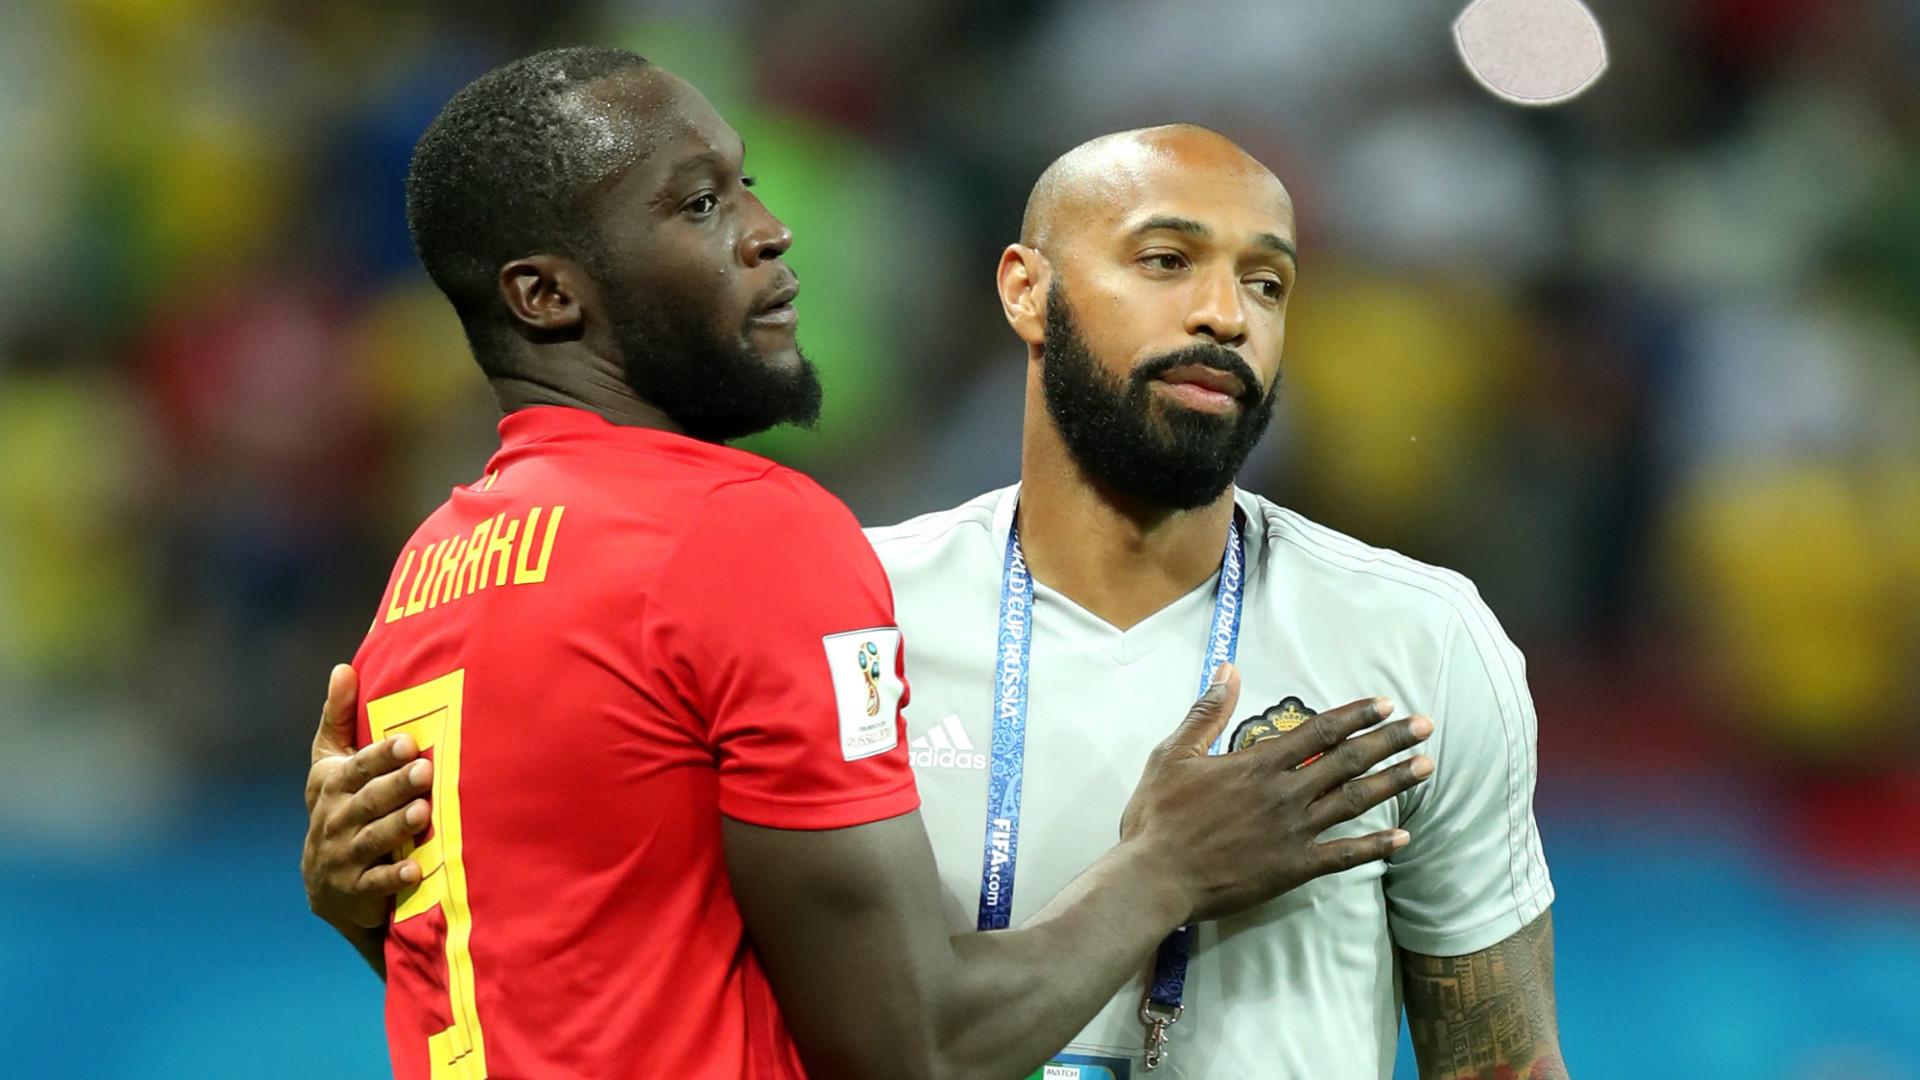 Hasil gambar untuk Coupe du monde 2018: Thierry Henry, «ça fait bizarre de l'avoir contre nous» estime Olivier Giroud